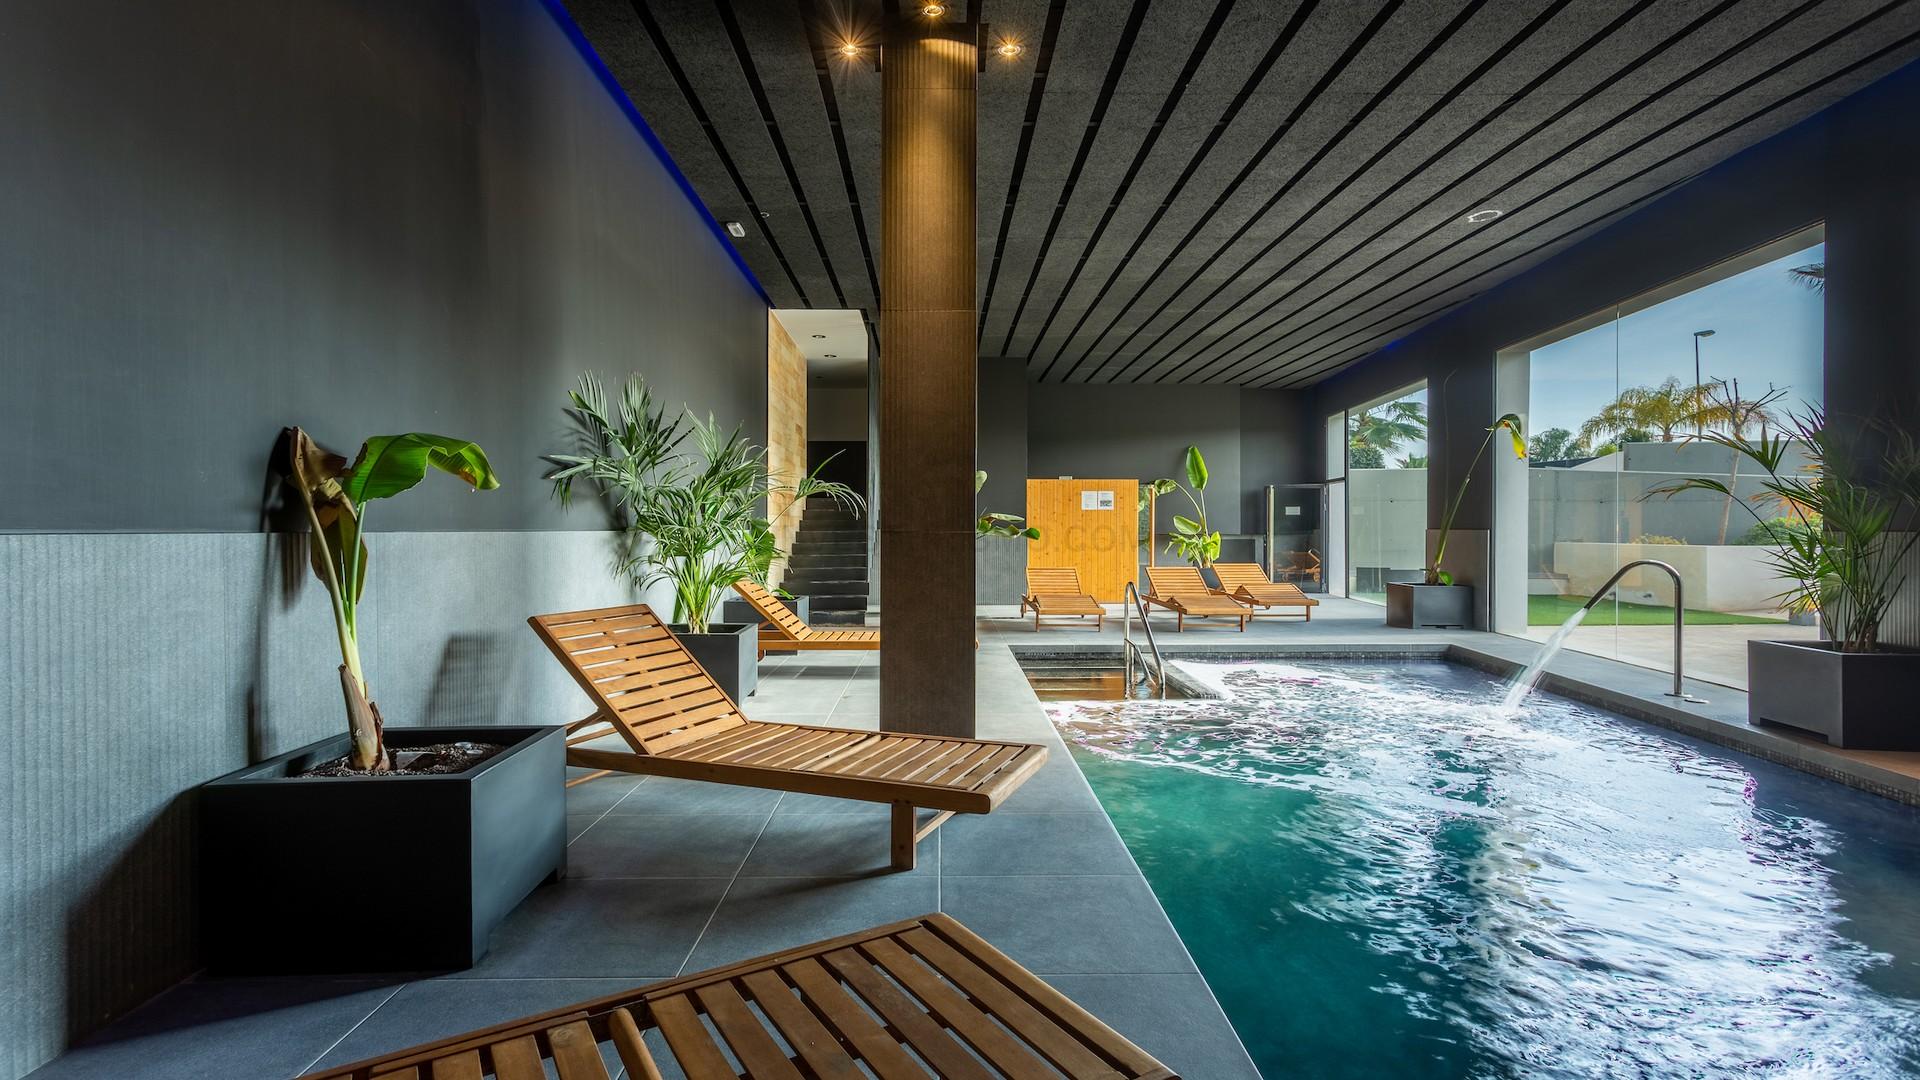 New build Apartments 3 bedrooms in Orihuela costa